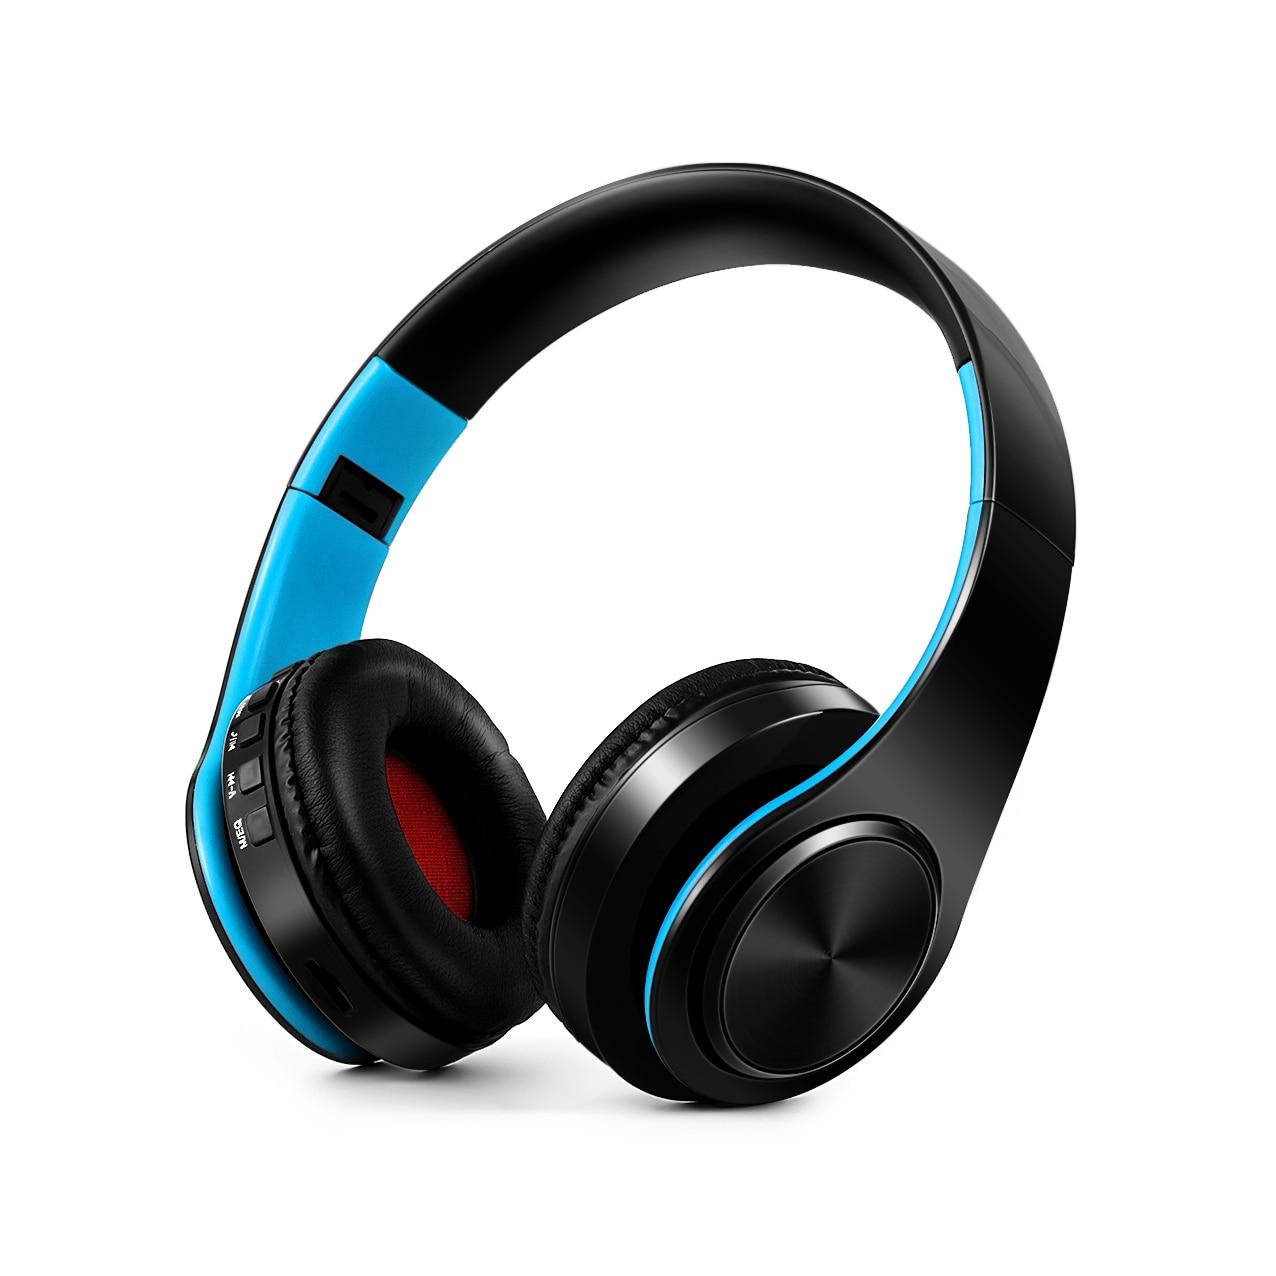 EASYIDEA Cuffie Bluetooth Cuffie Stereo Senza Fili Pieghevole Della Cuffia di Sport di Sostegno SD card Con Il Mic Per PC Phone